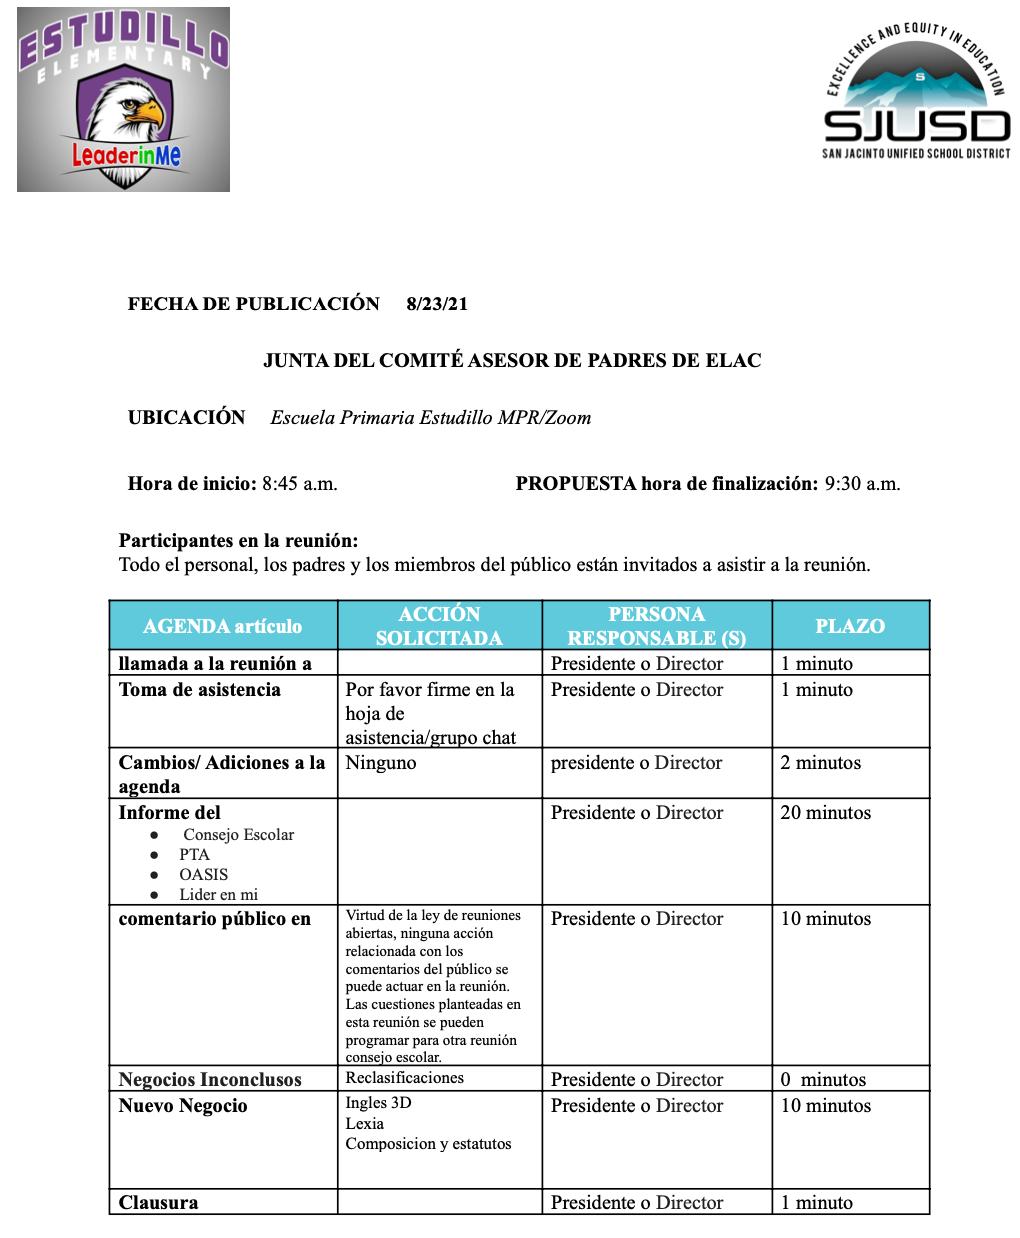 ELAC Agenda 8_26_21 Spanish